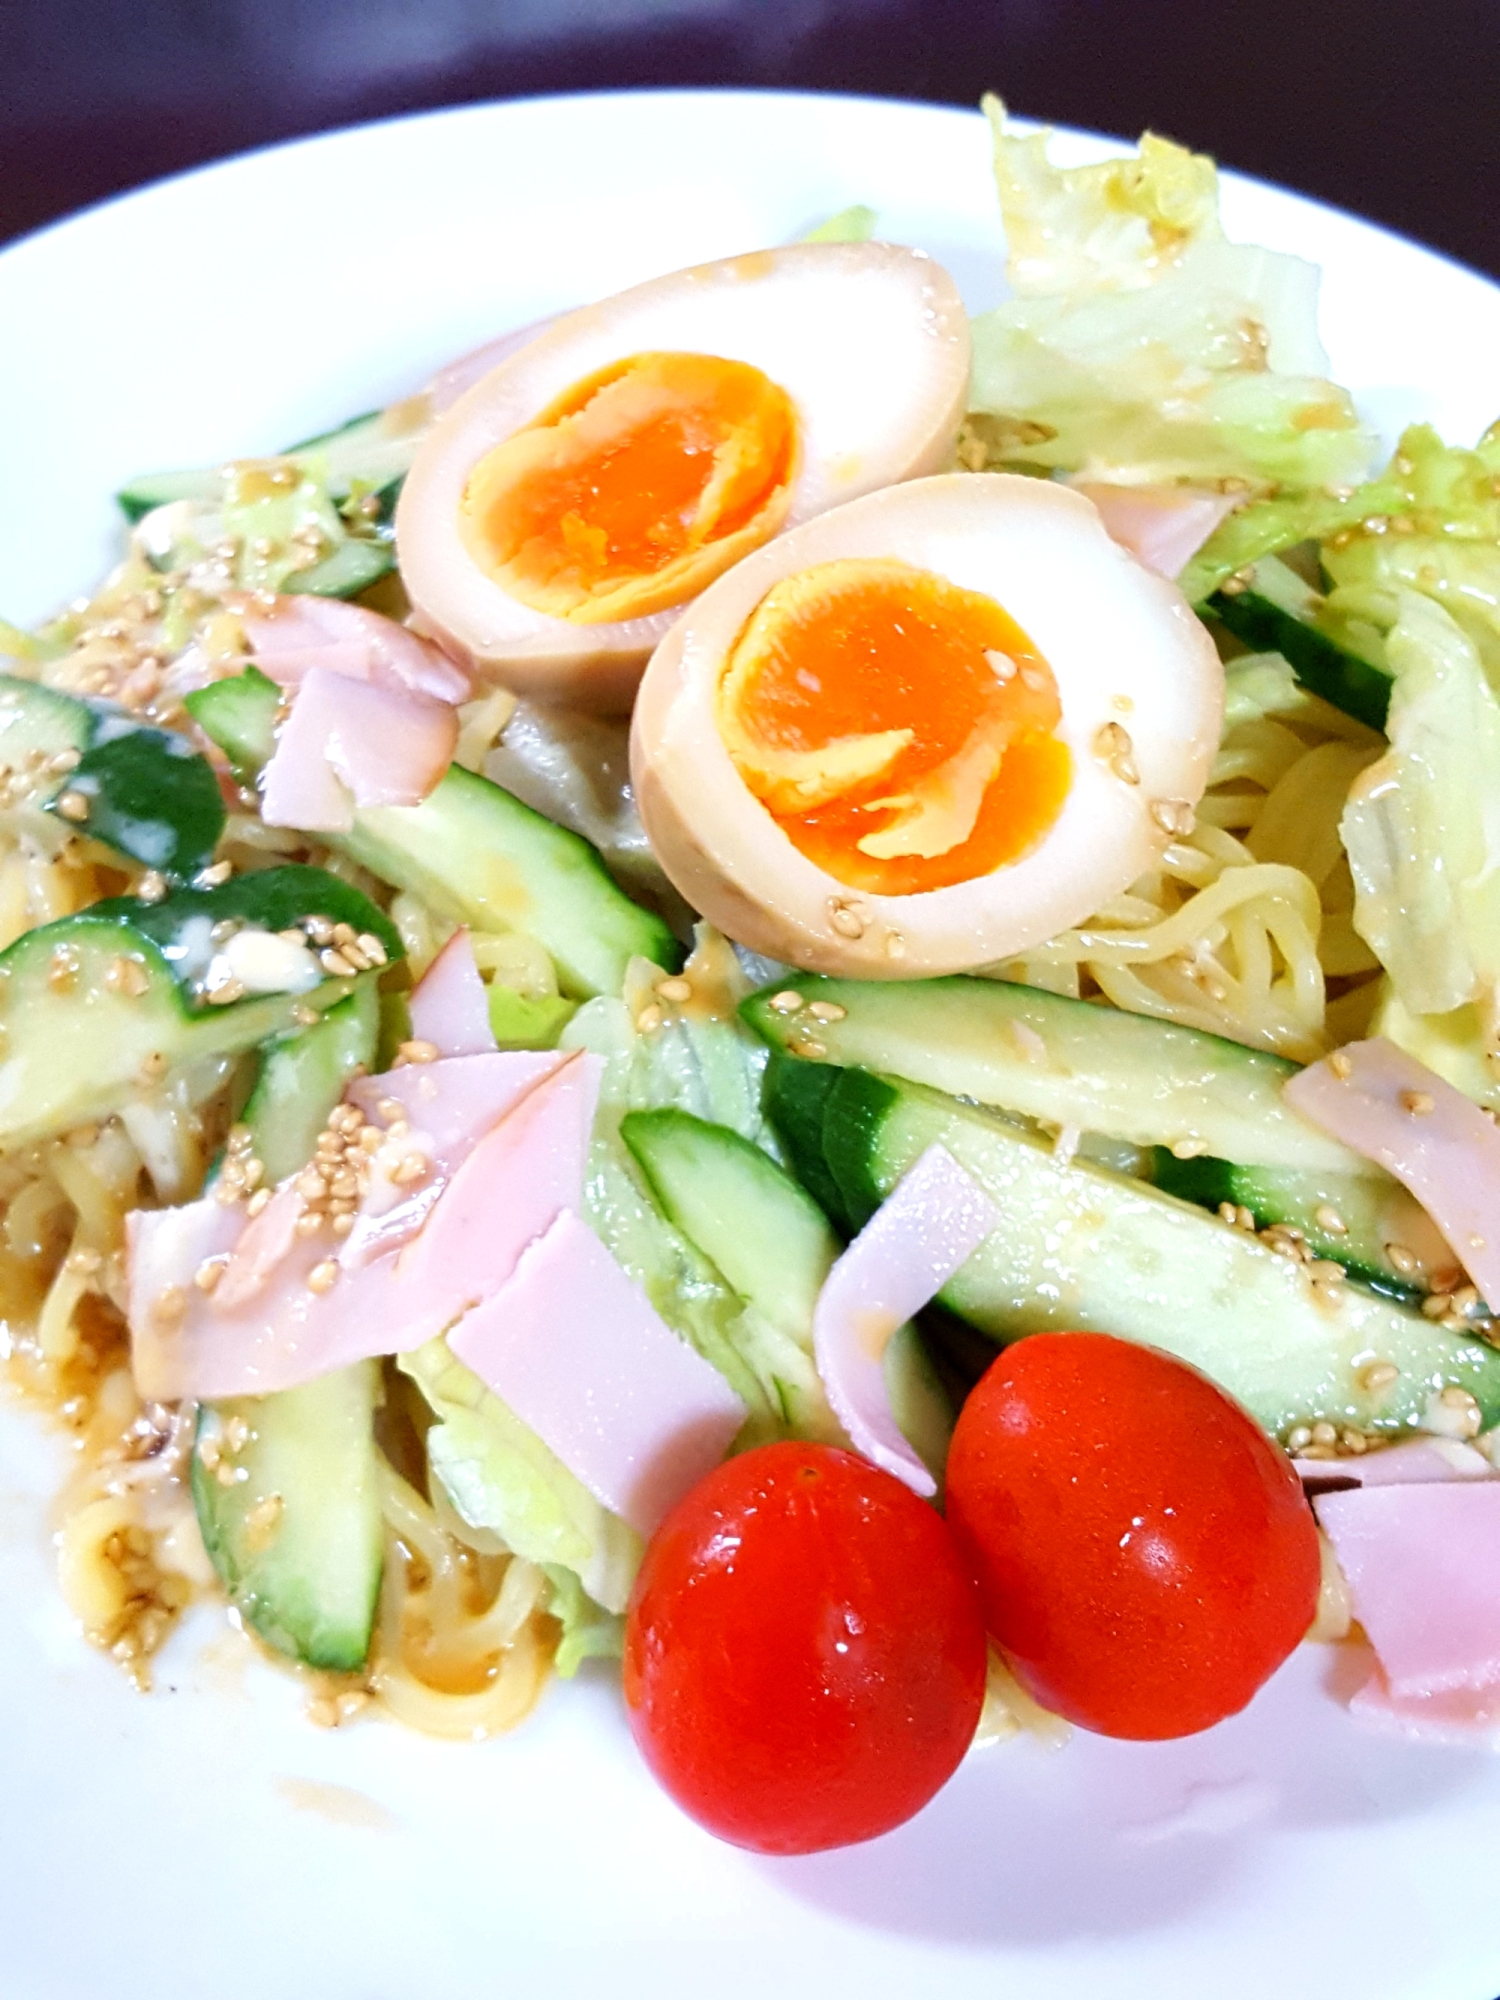 15. 手作りゴマダレのラーメンサラダ